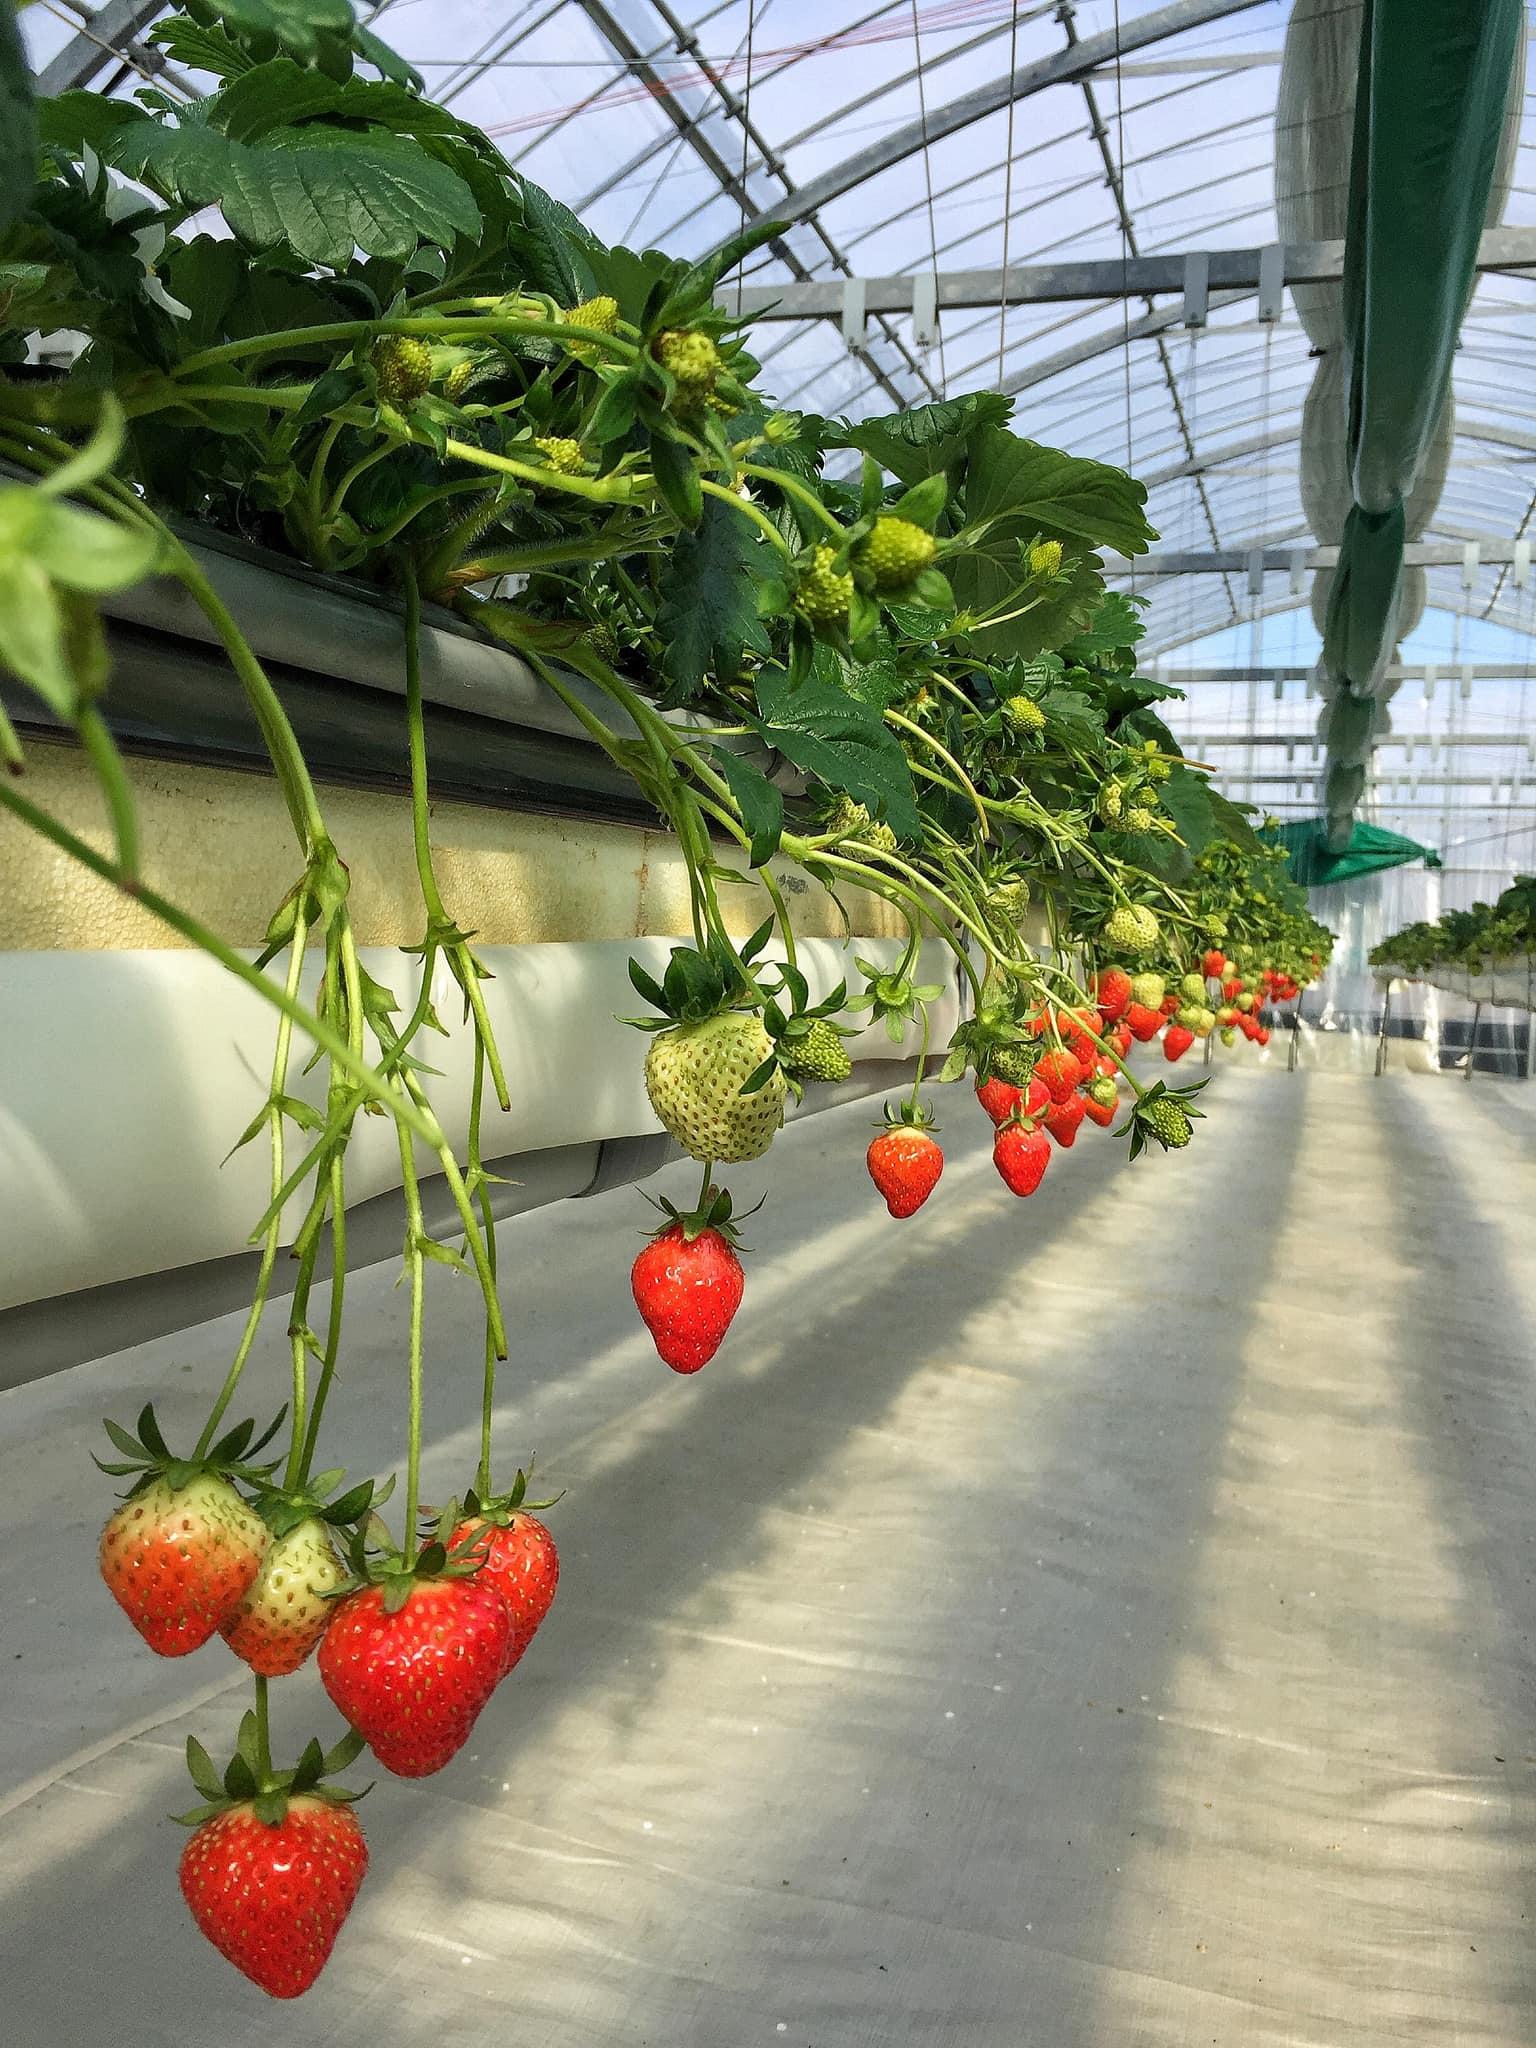 Seasonal Fruit Picking